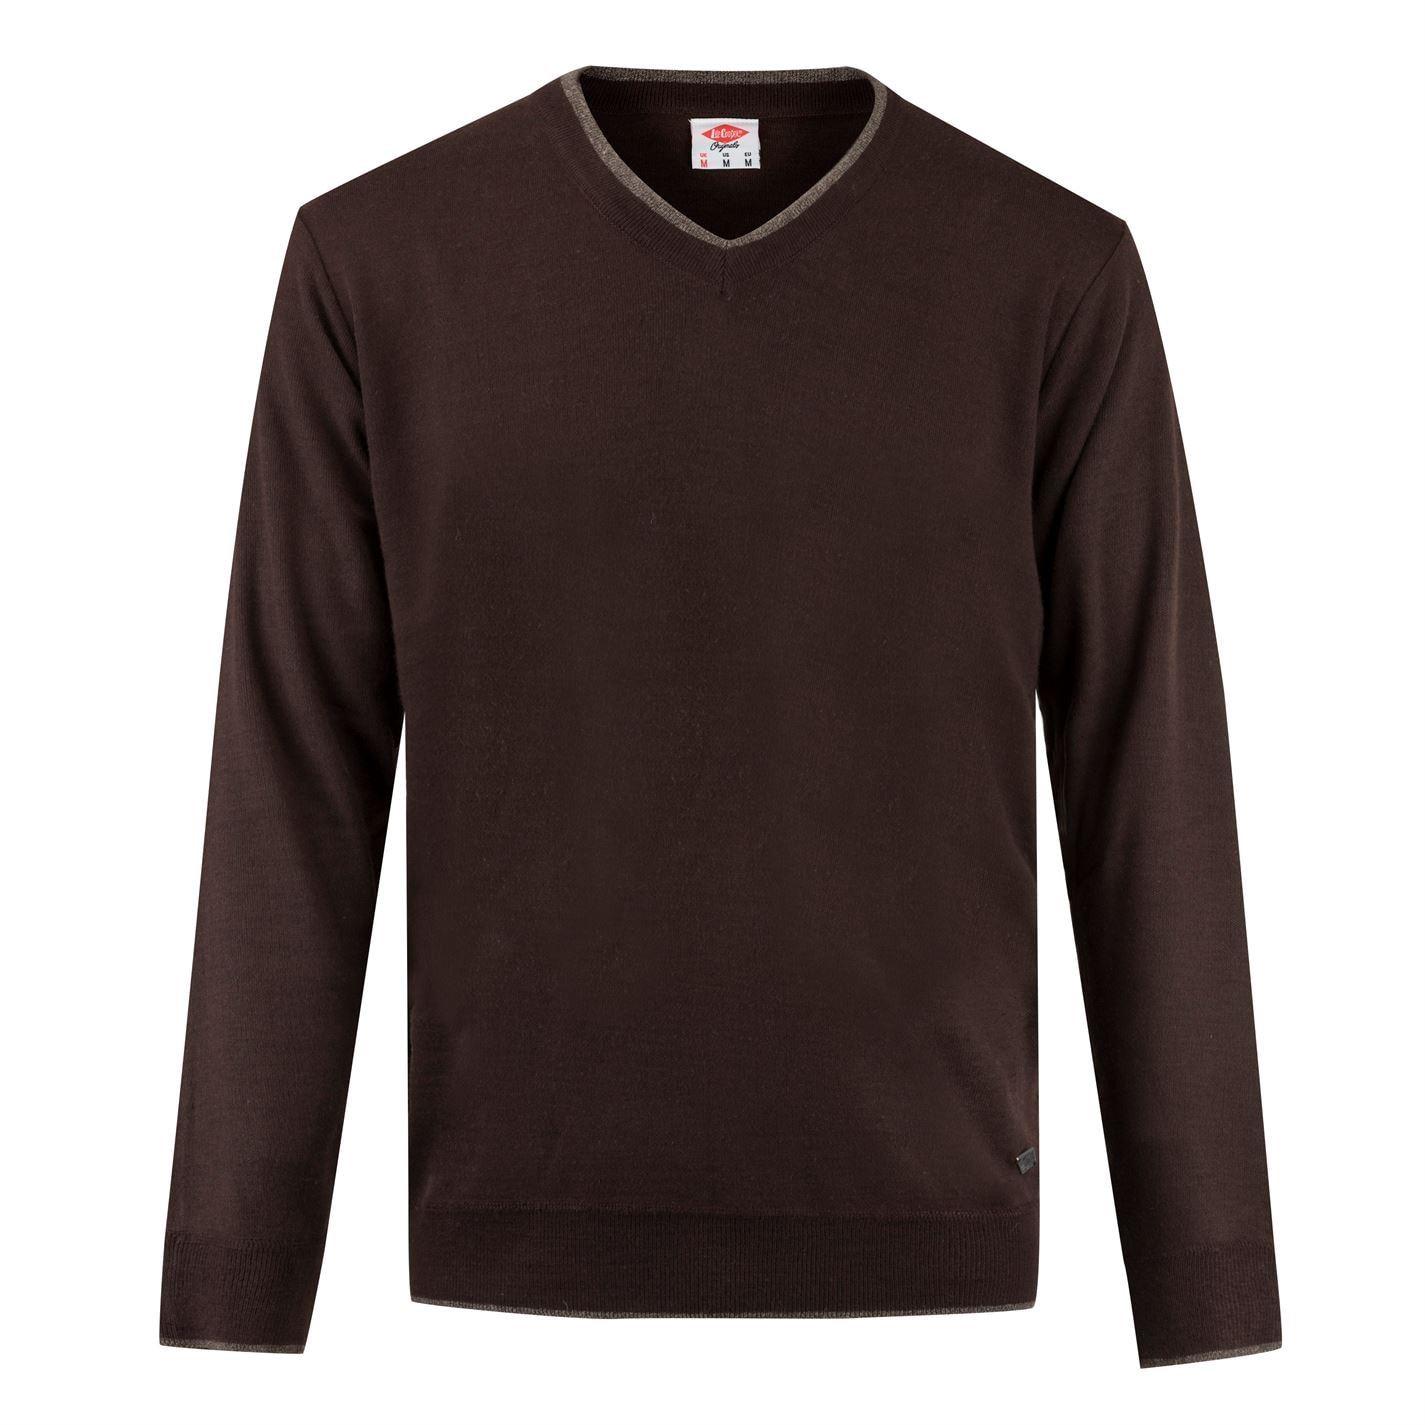 Lee-Cooper-Cuello-en-V-sueter-pulover-jumper-Top-Para-Hombre miniatura 5